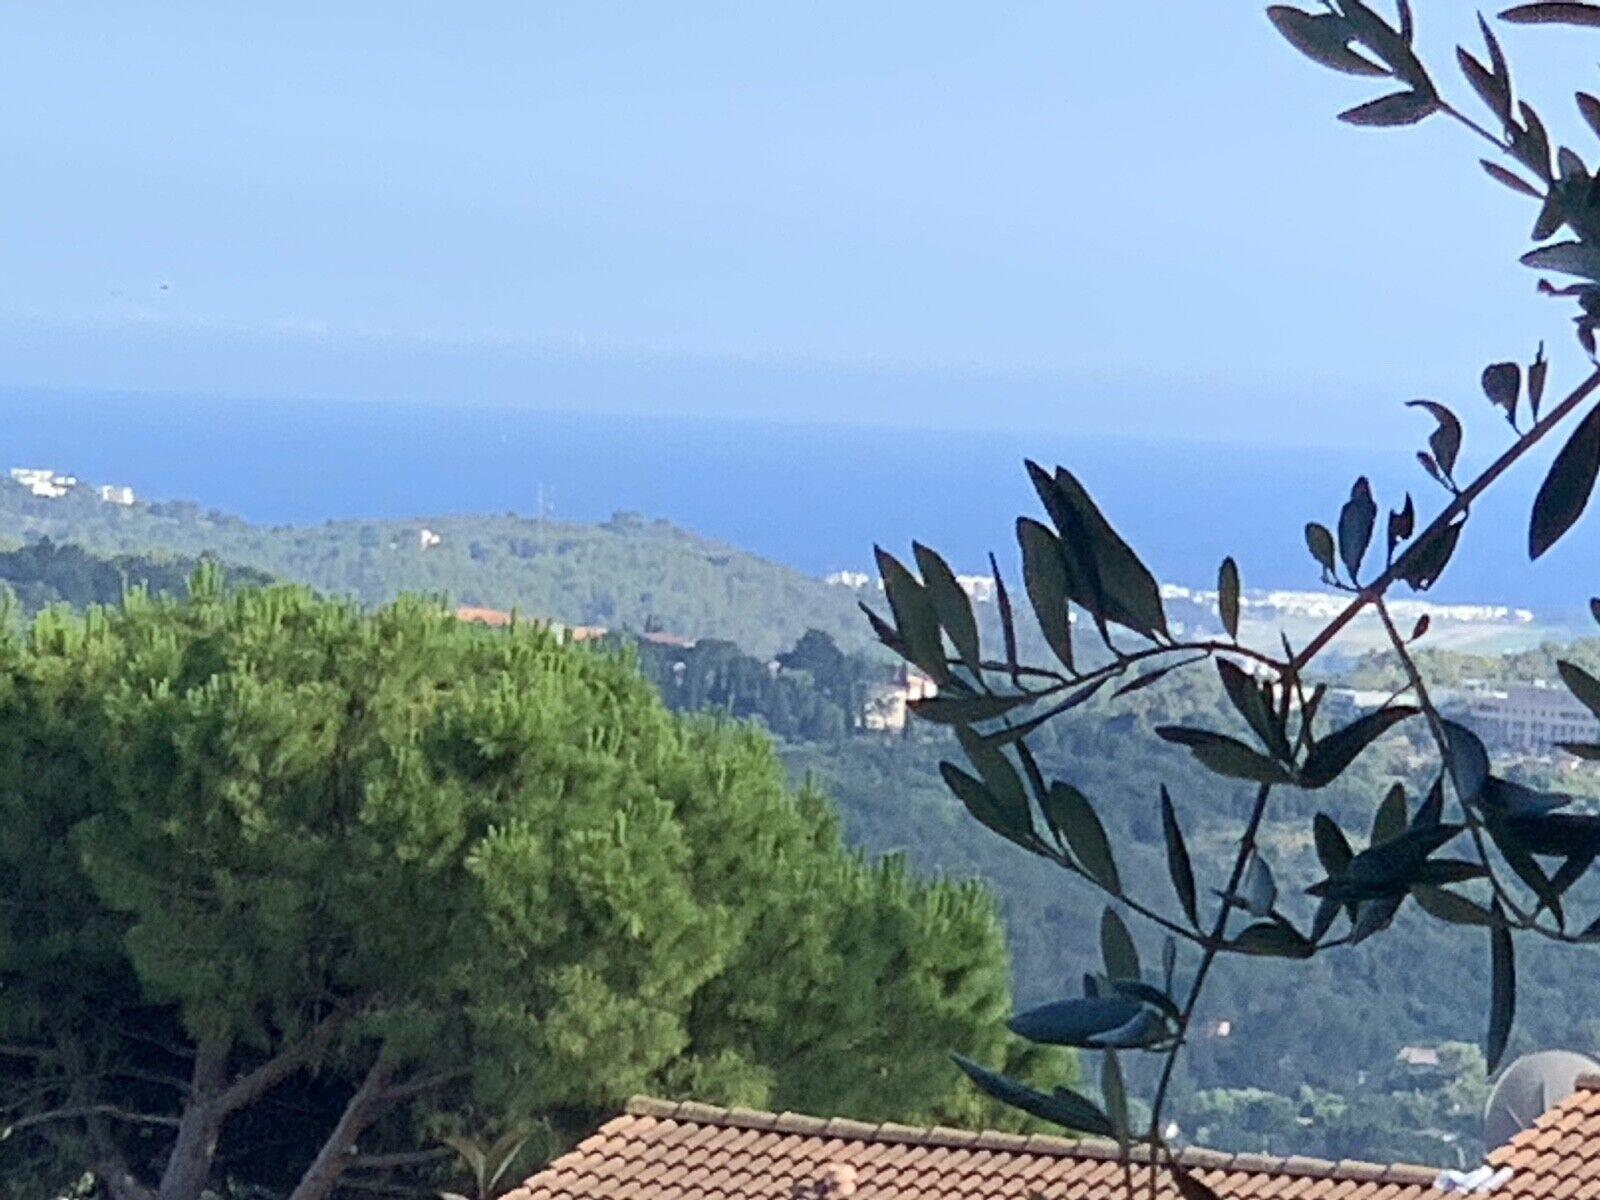 Appartement avec vue panoramique mer et colline - Côte d'Azur - Grasse